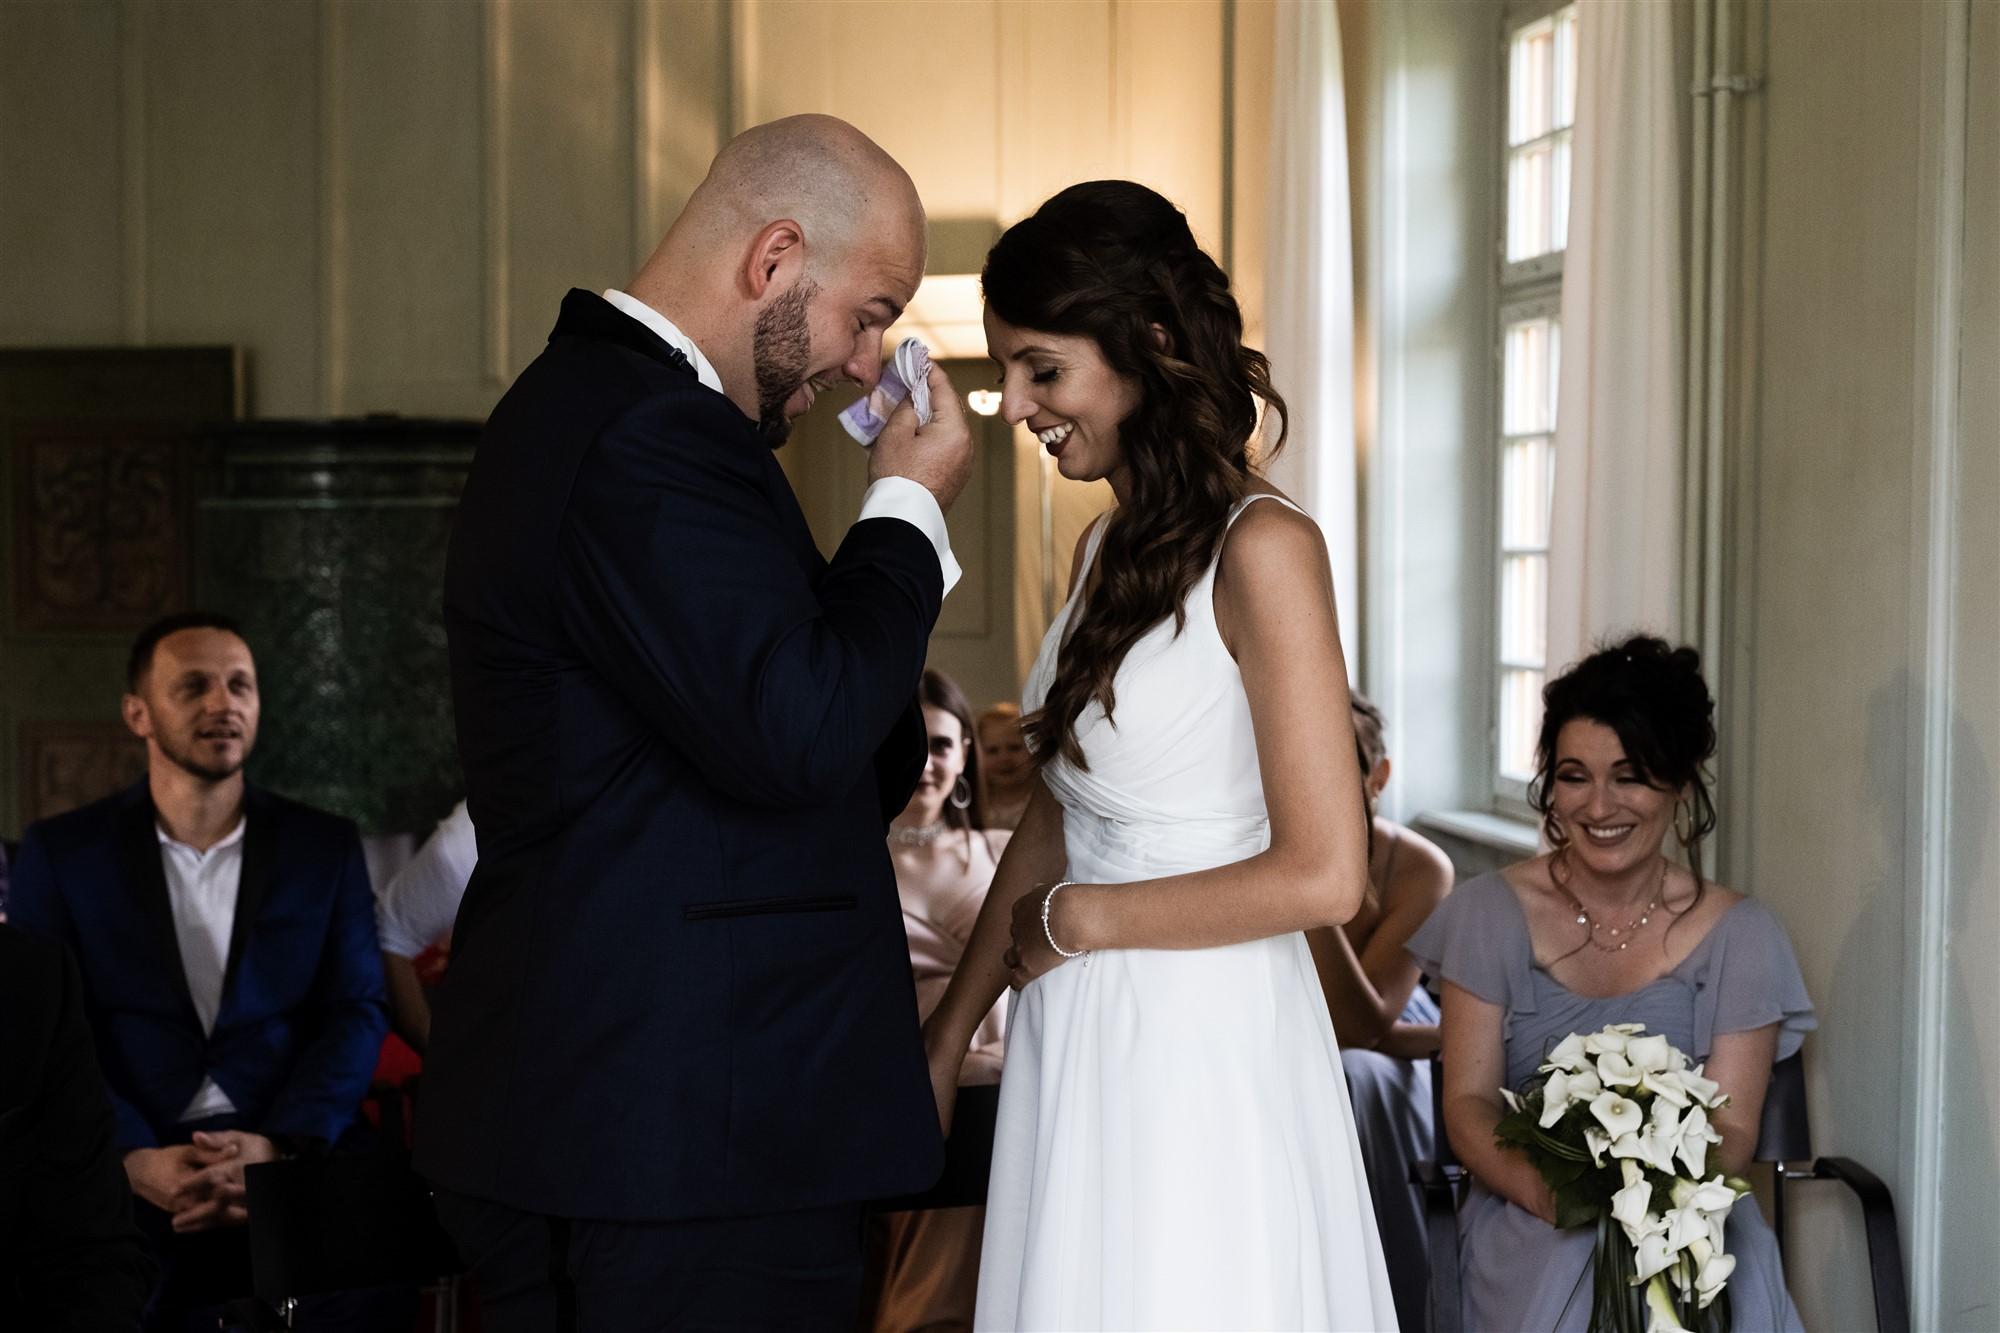 Hochzeit Schloss Wildenstein - Der Bräutigam ist sichtlich gerührt beim Eheversprechen